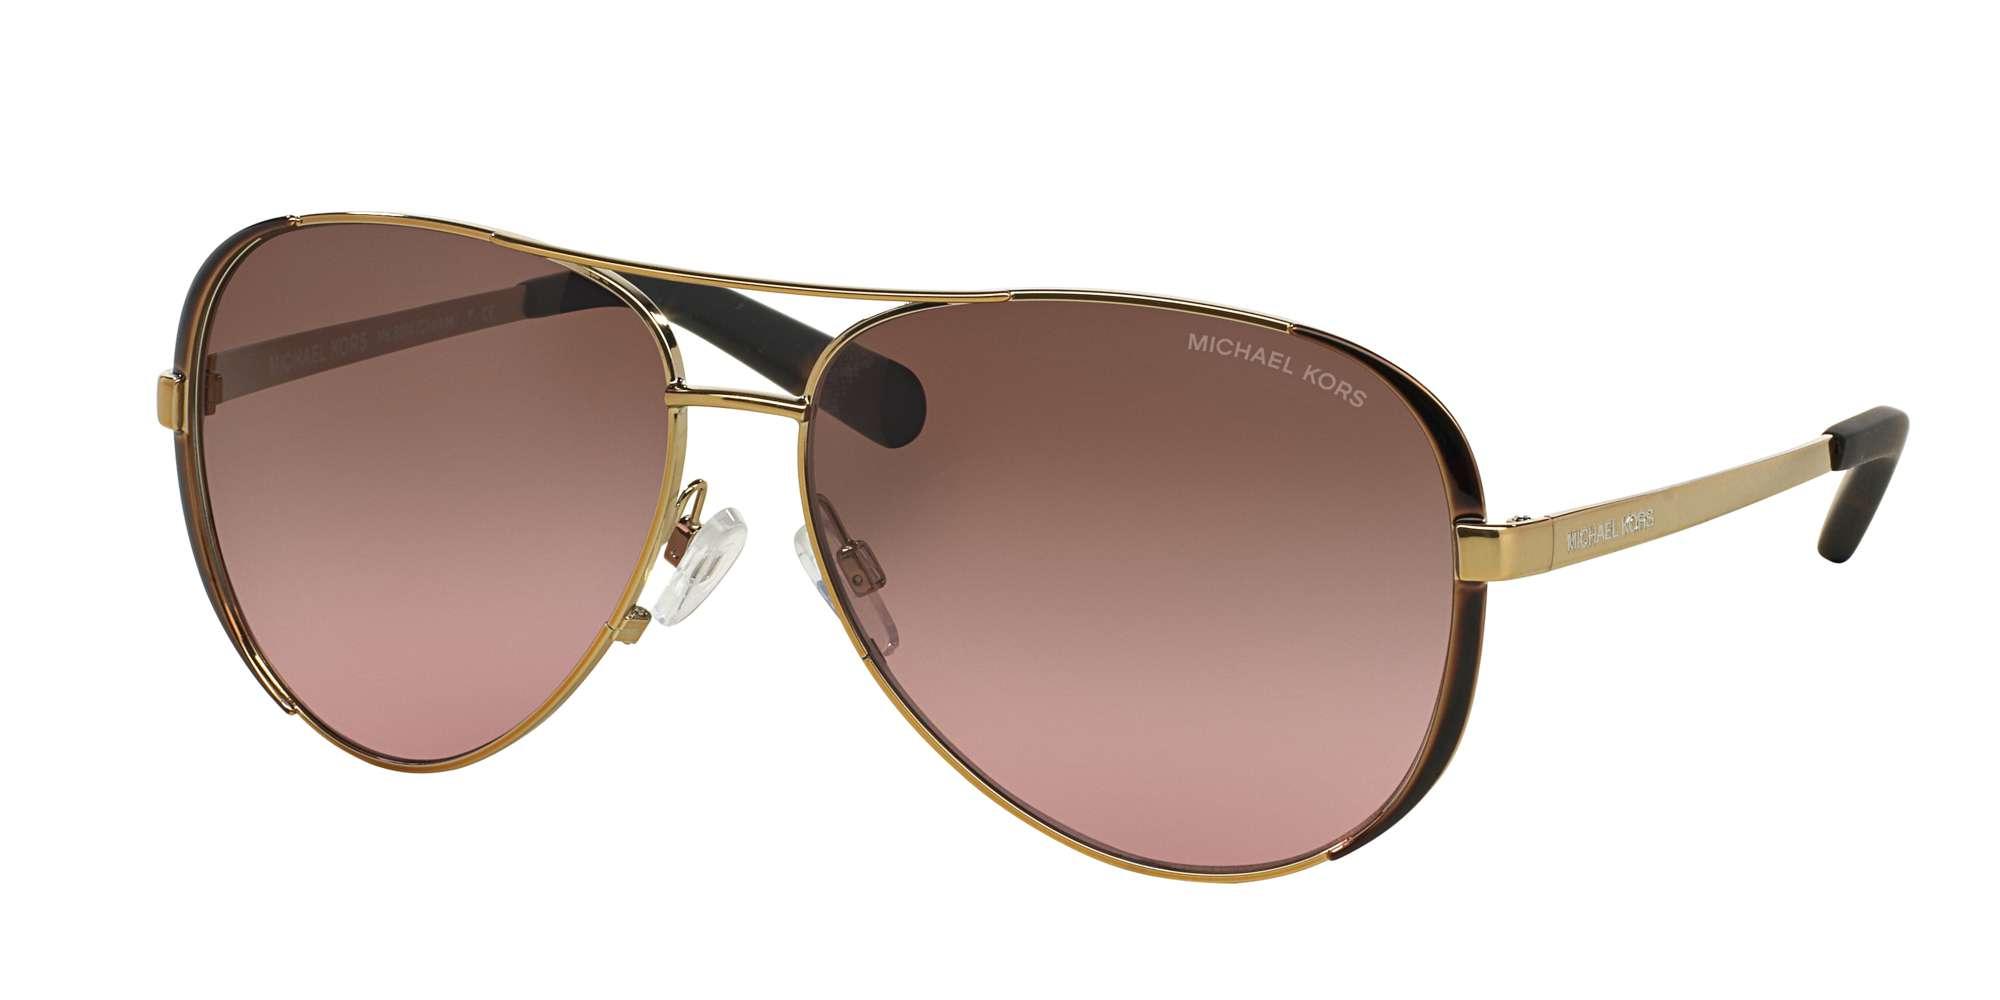 Gold - Dk Chocolate Brown / BROWN ROSE GRADIENT lenses